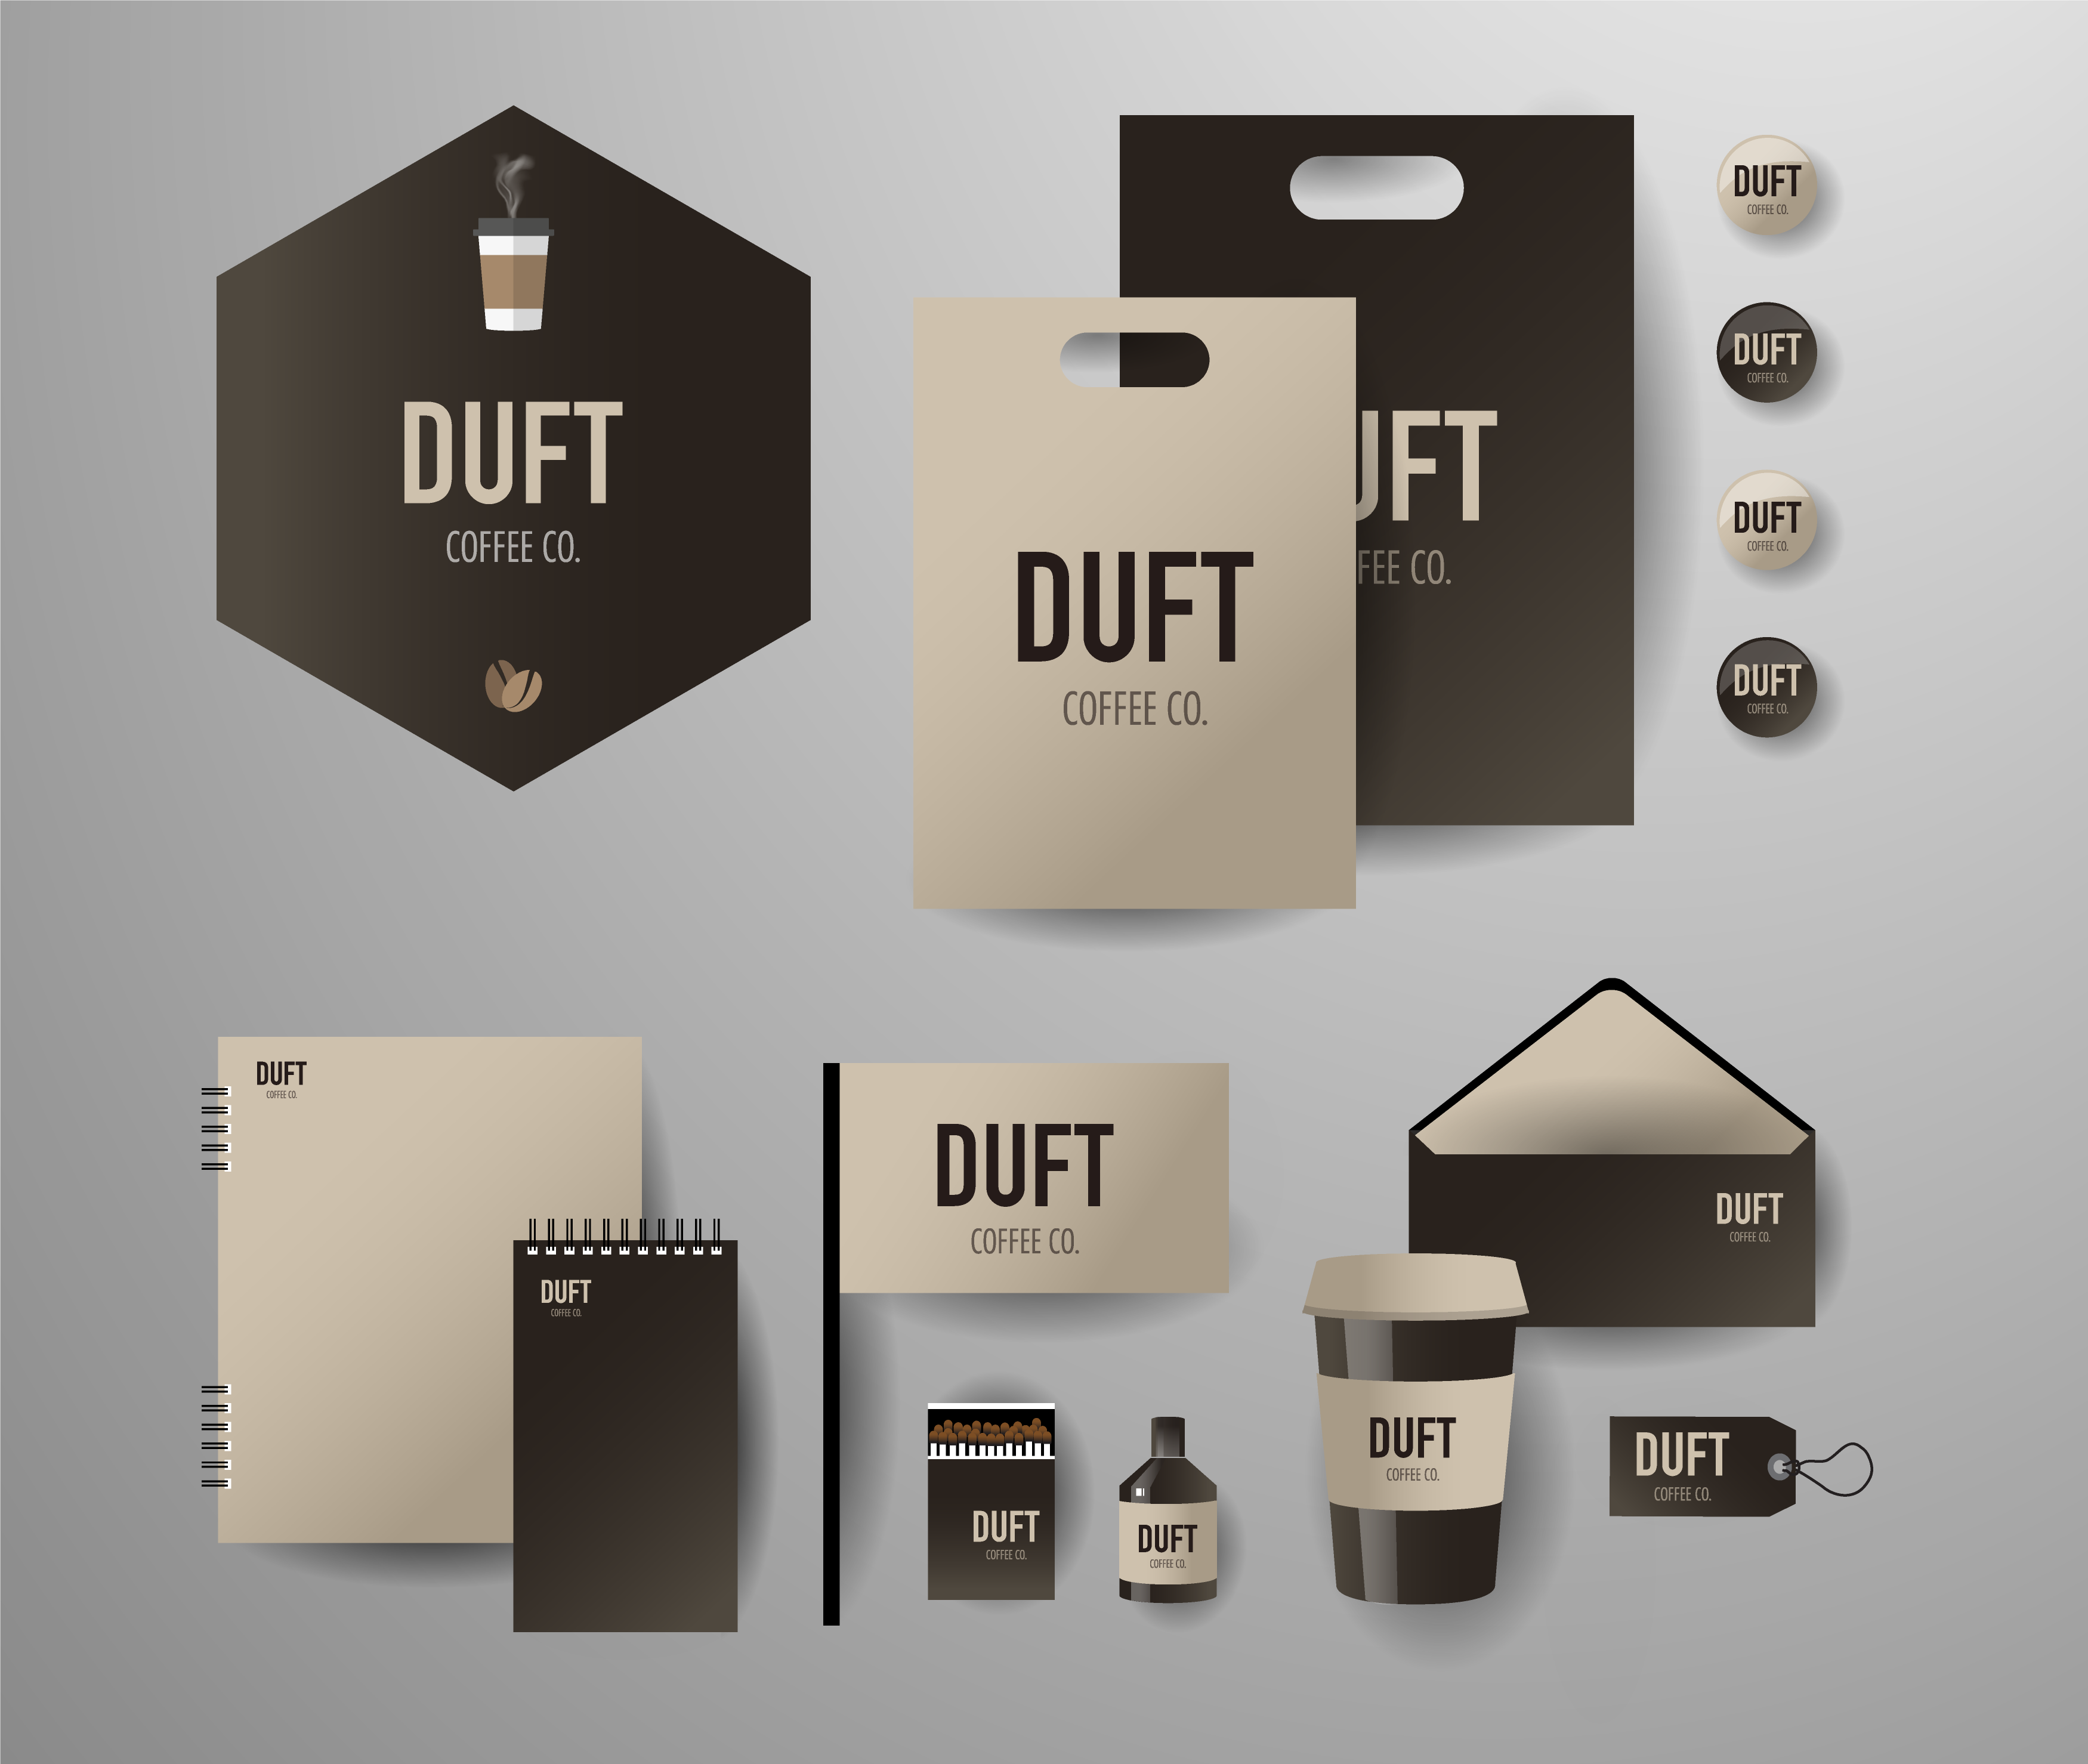 Kahve Kurumsal Kimlik Tasarımı Örneği